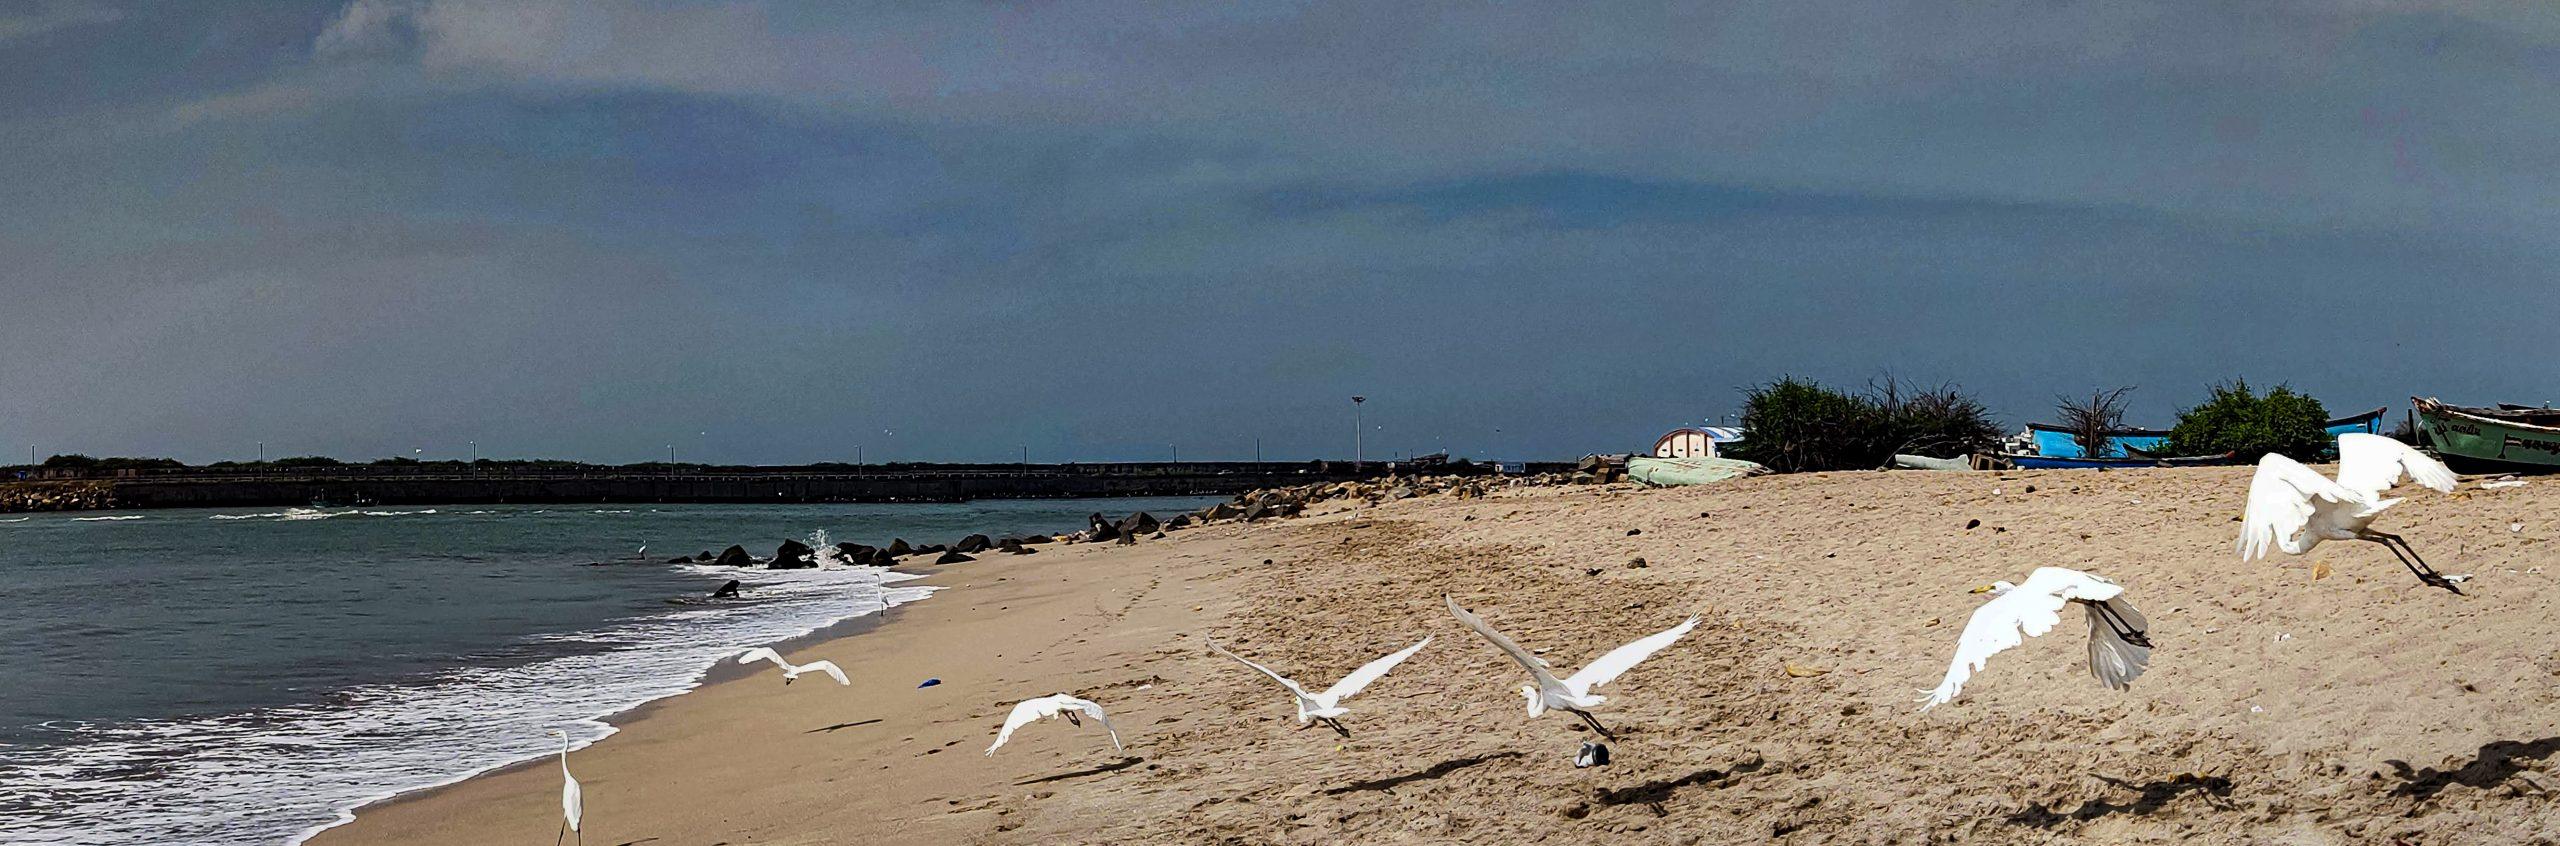 Birds flying beachside